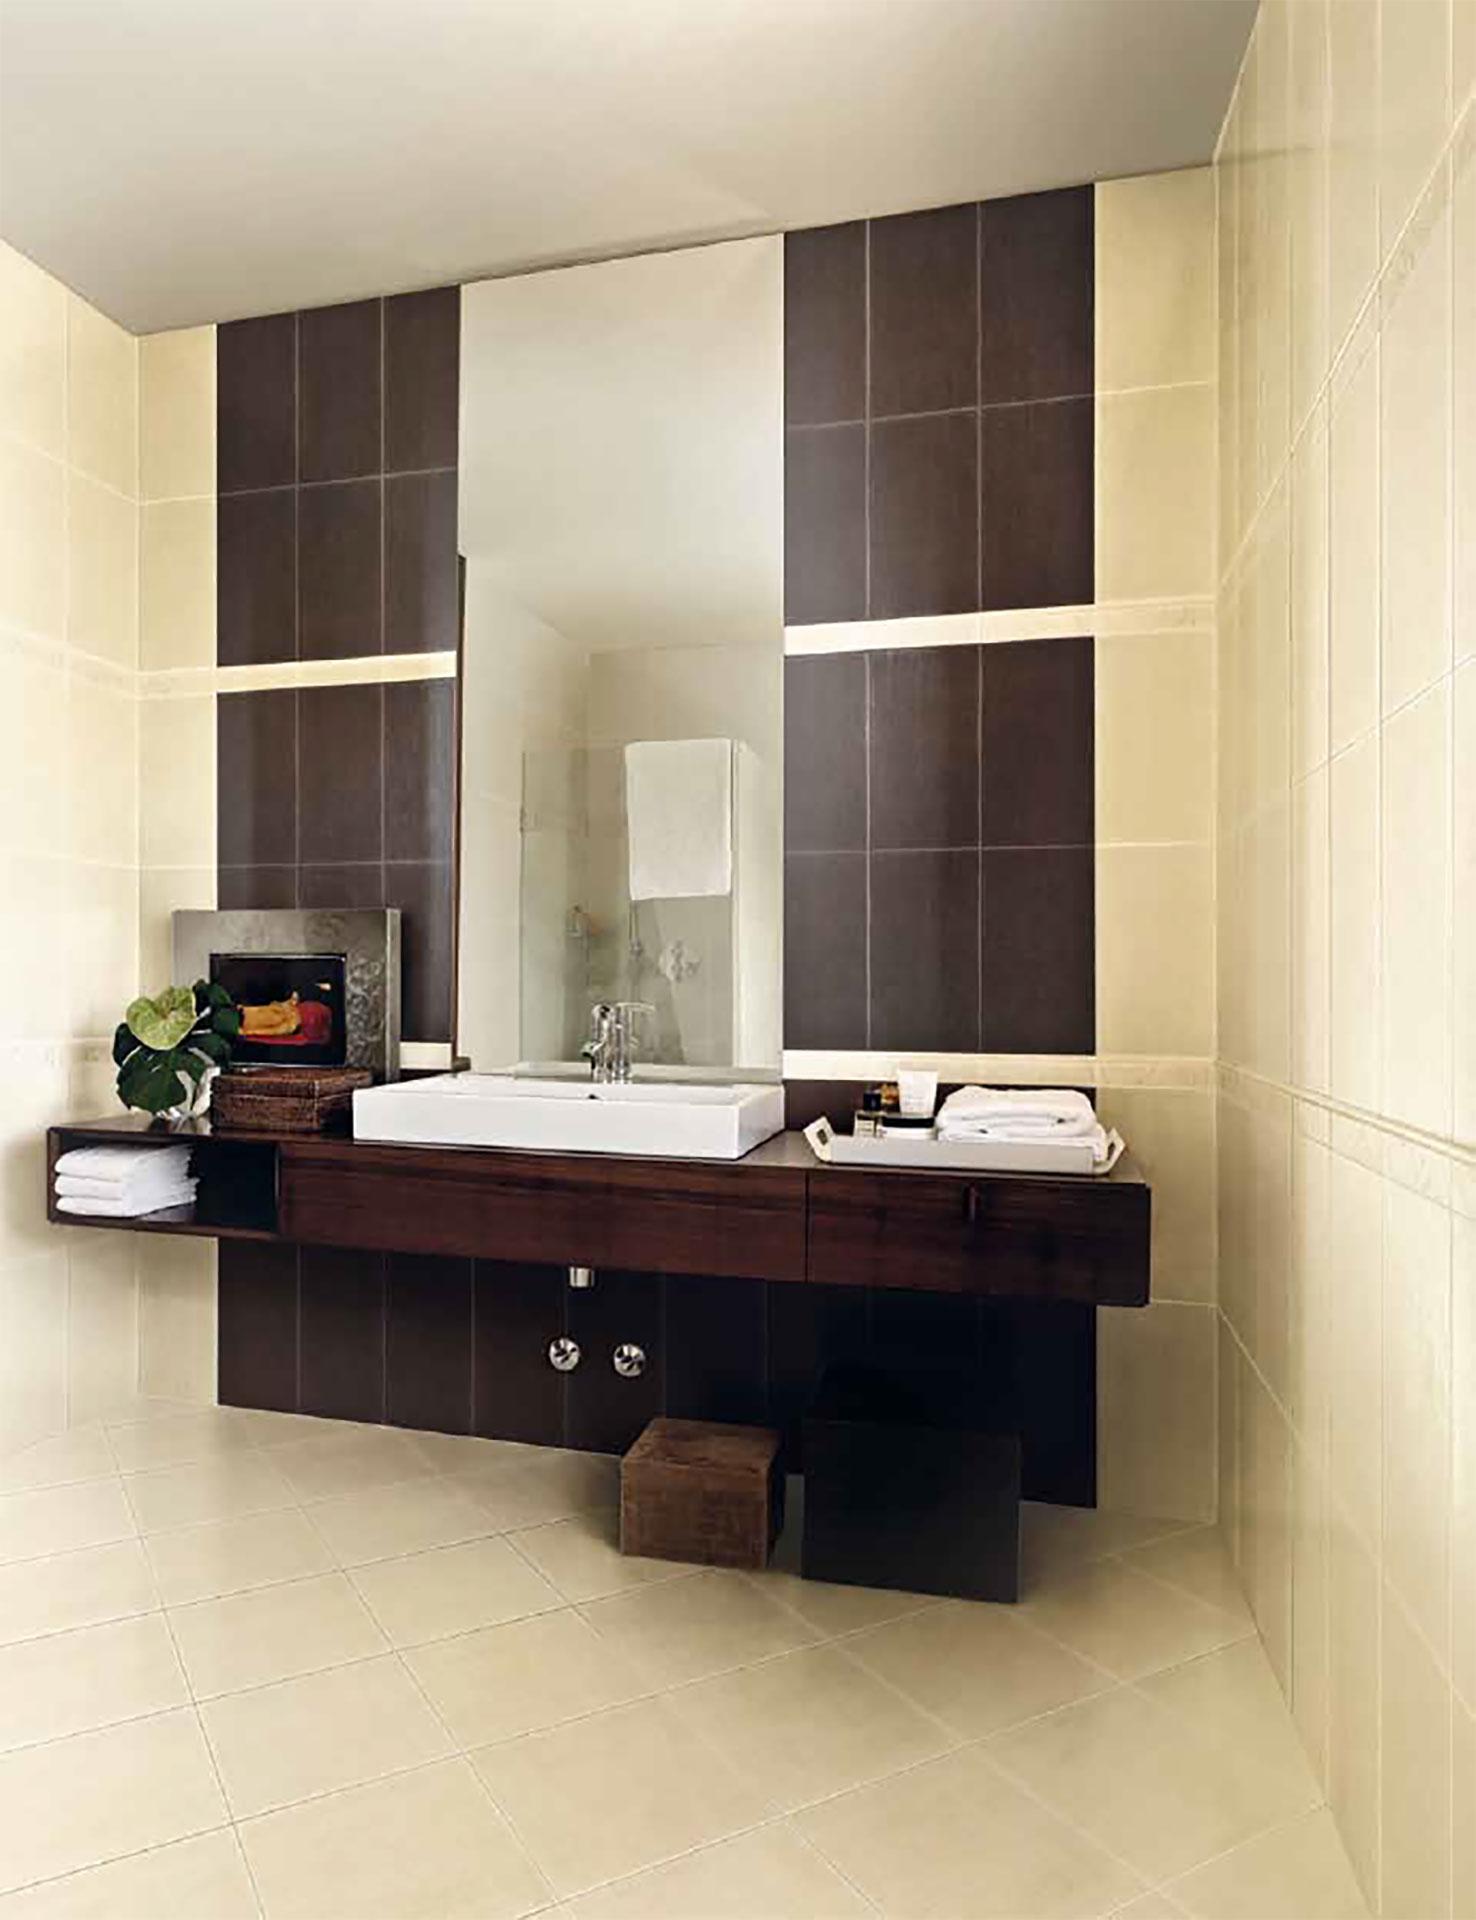 bad und kueche das klassische und moderne design von iris ceramica floornature. Black Bedroom Furniture Sets. Home Design Ideas